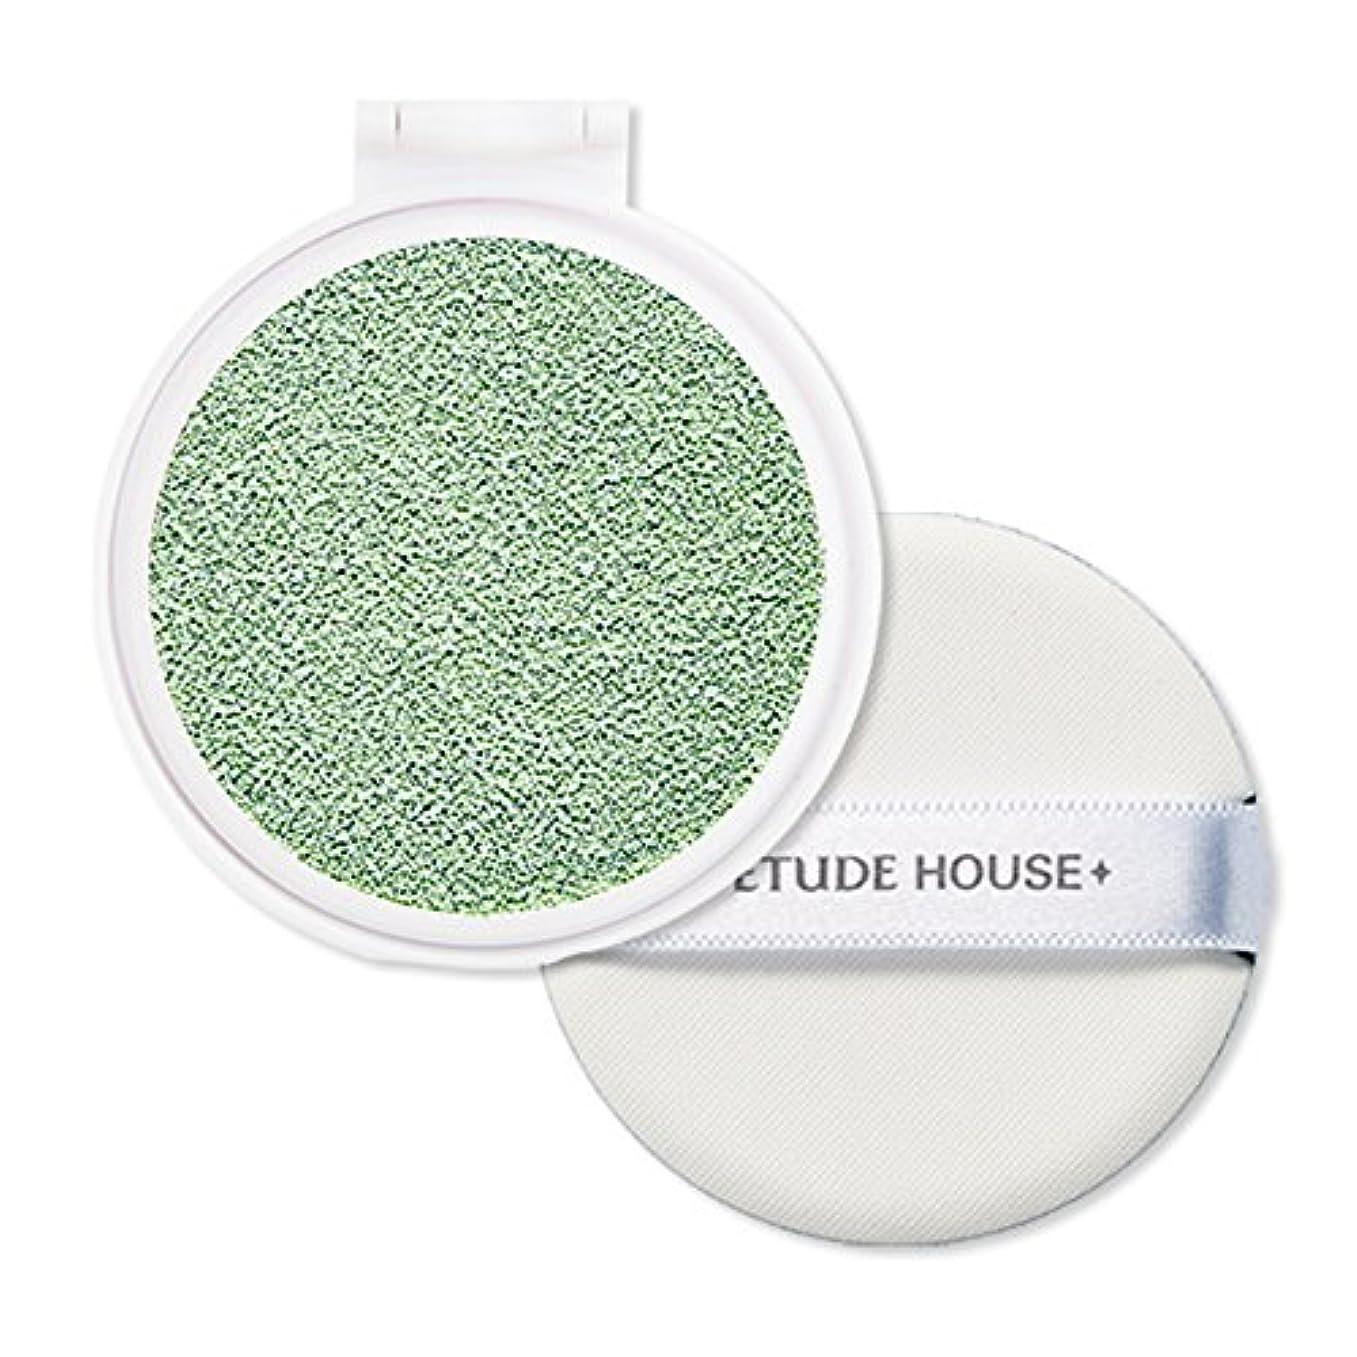 病的アウター調べるエチュードハウス(ETUDE HOUSE) エニークッション カラーコレクター レフィル Mint